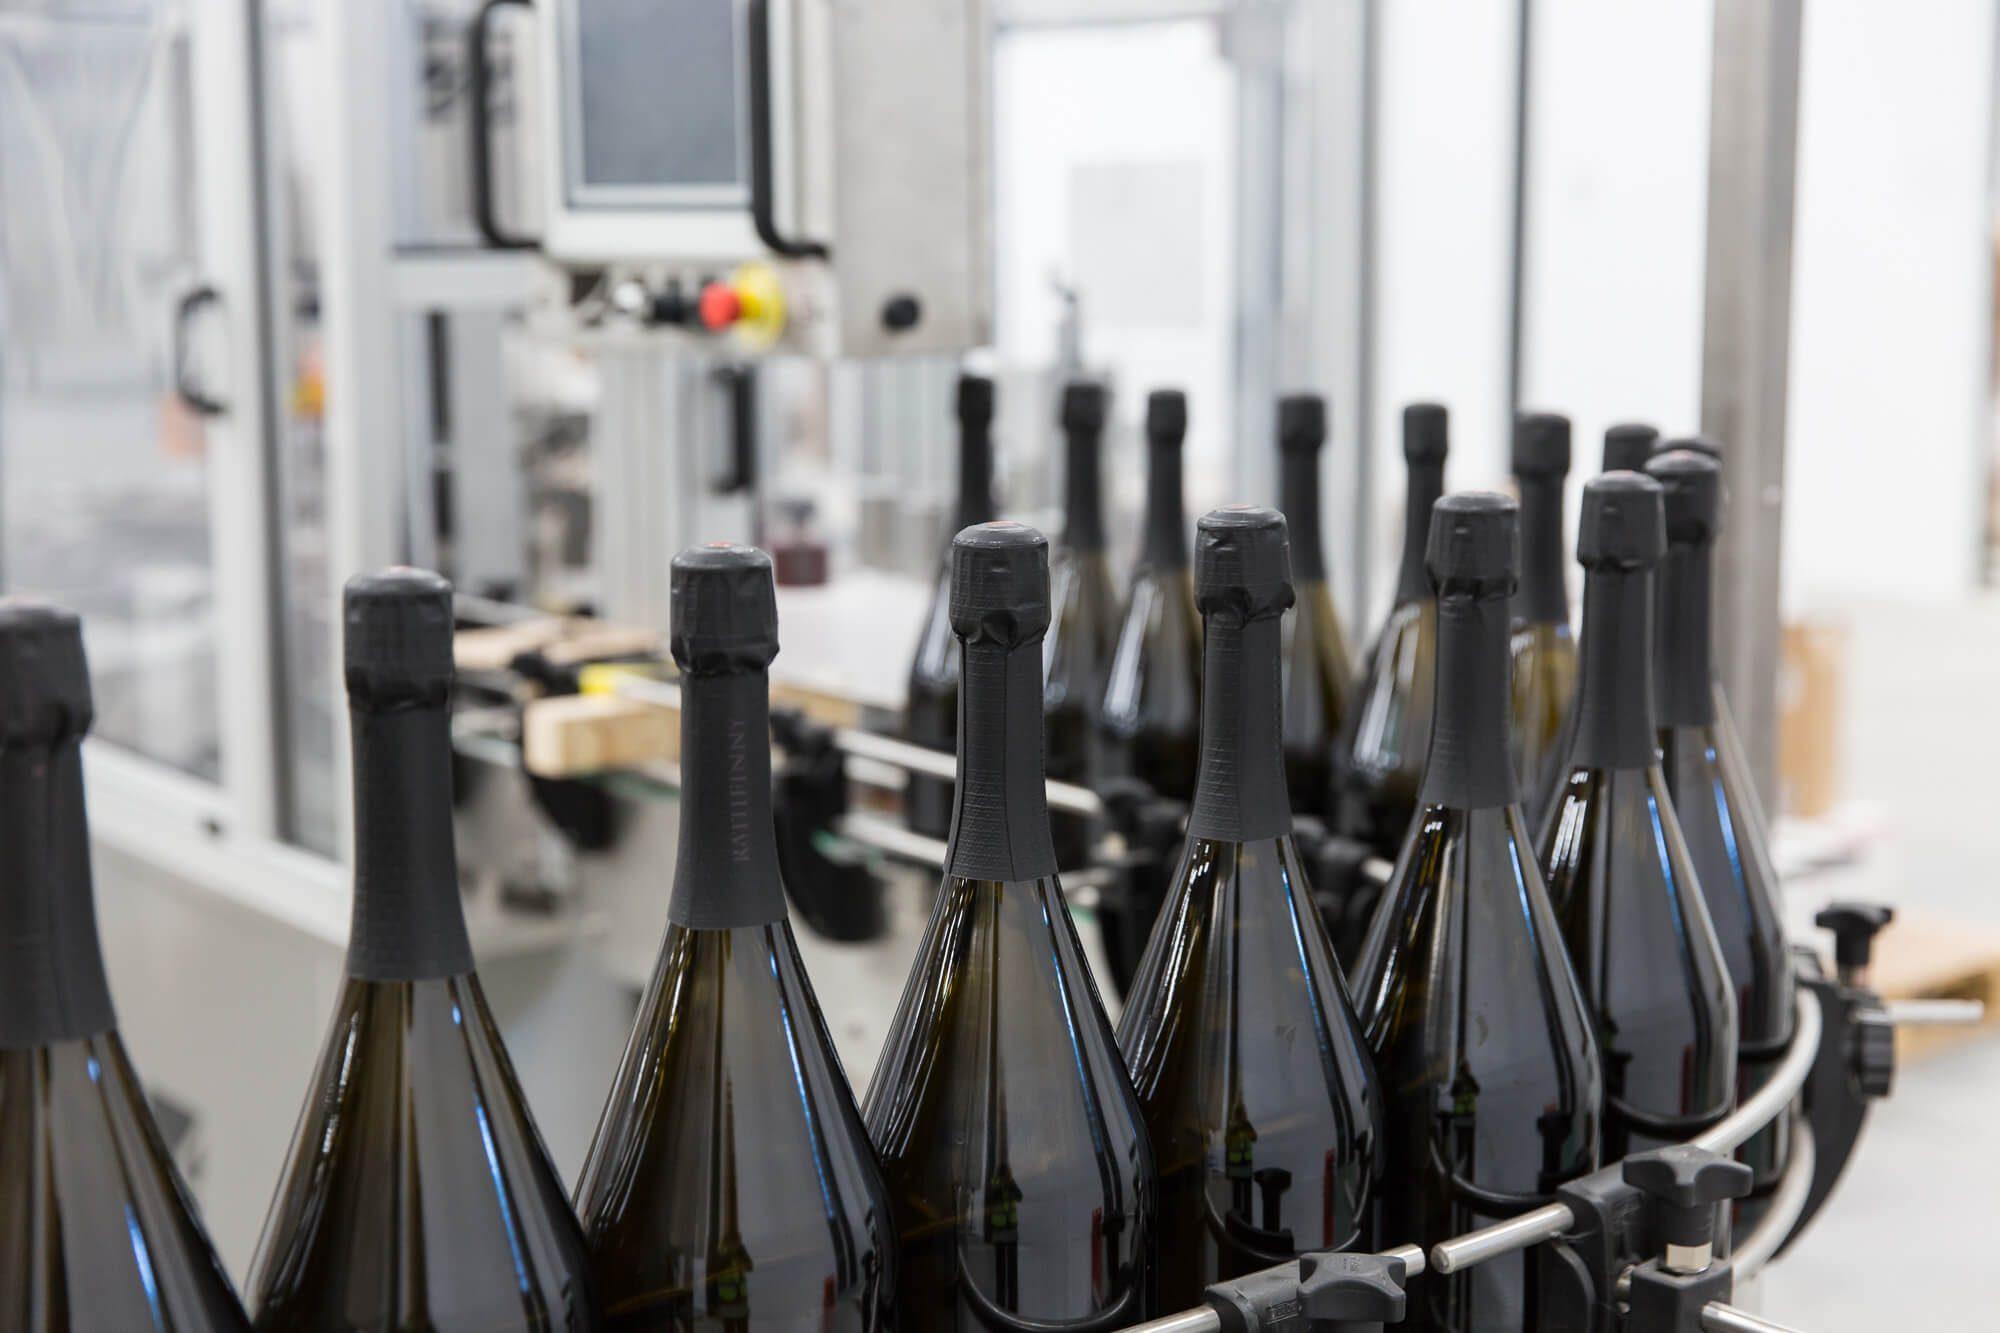 Bottle conveyor belt